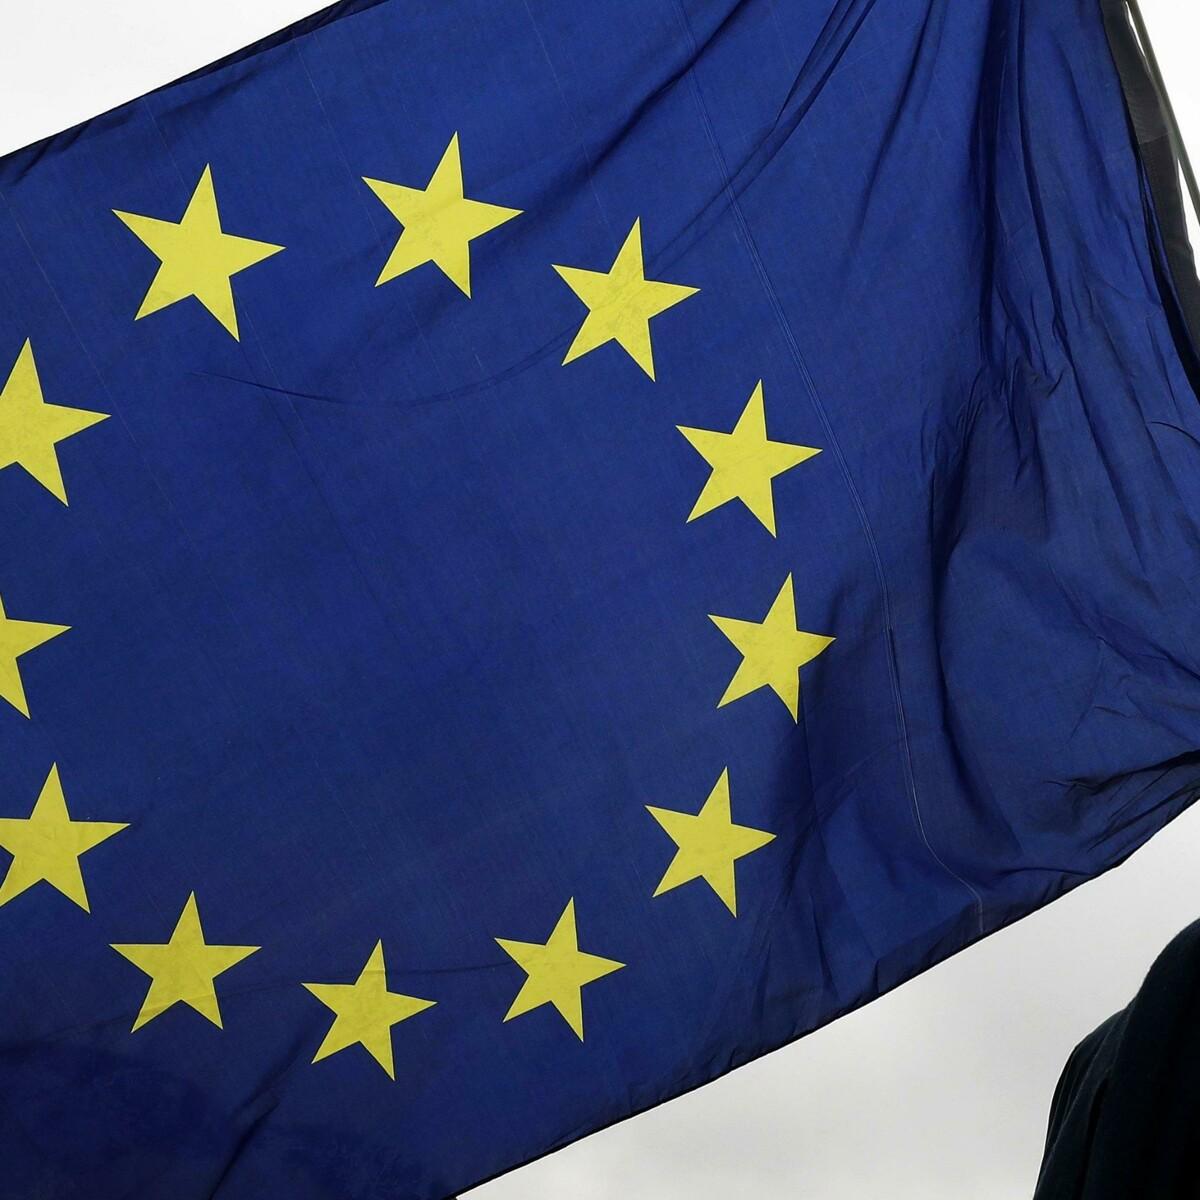 Schiaffo del Comitato olimpico all'Ue: ecco perché la bandiera europea non sventola ai Giochi